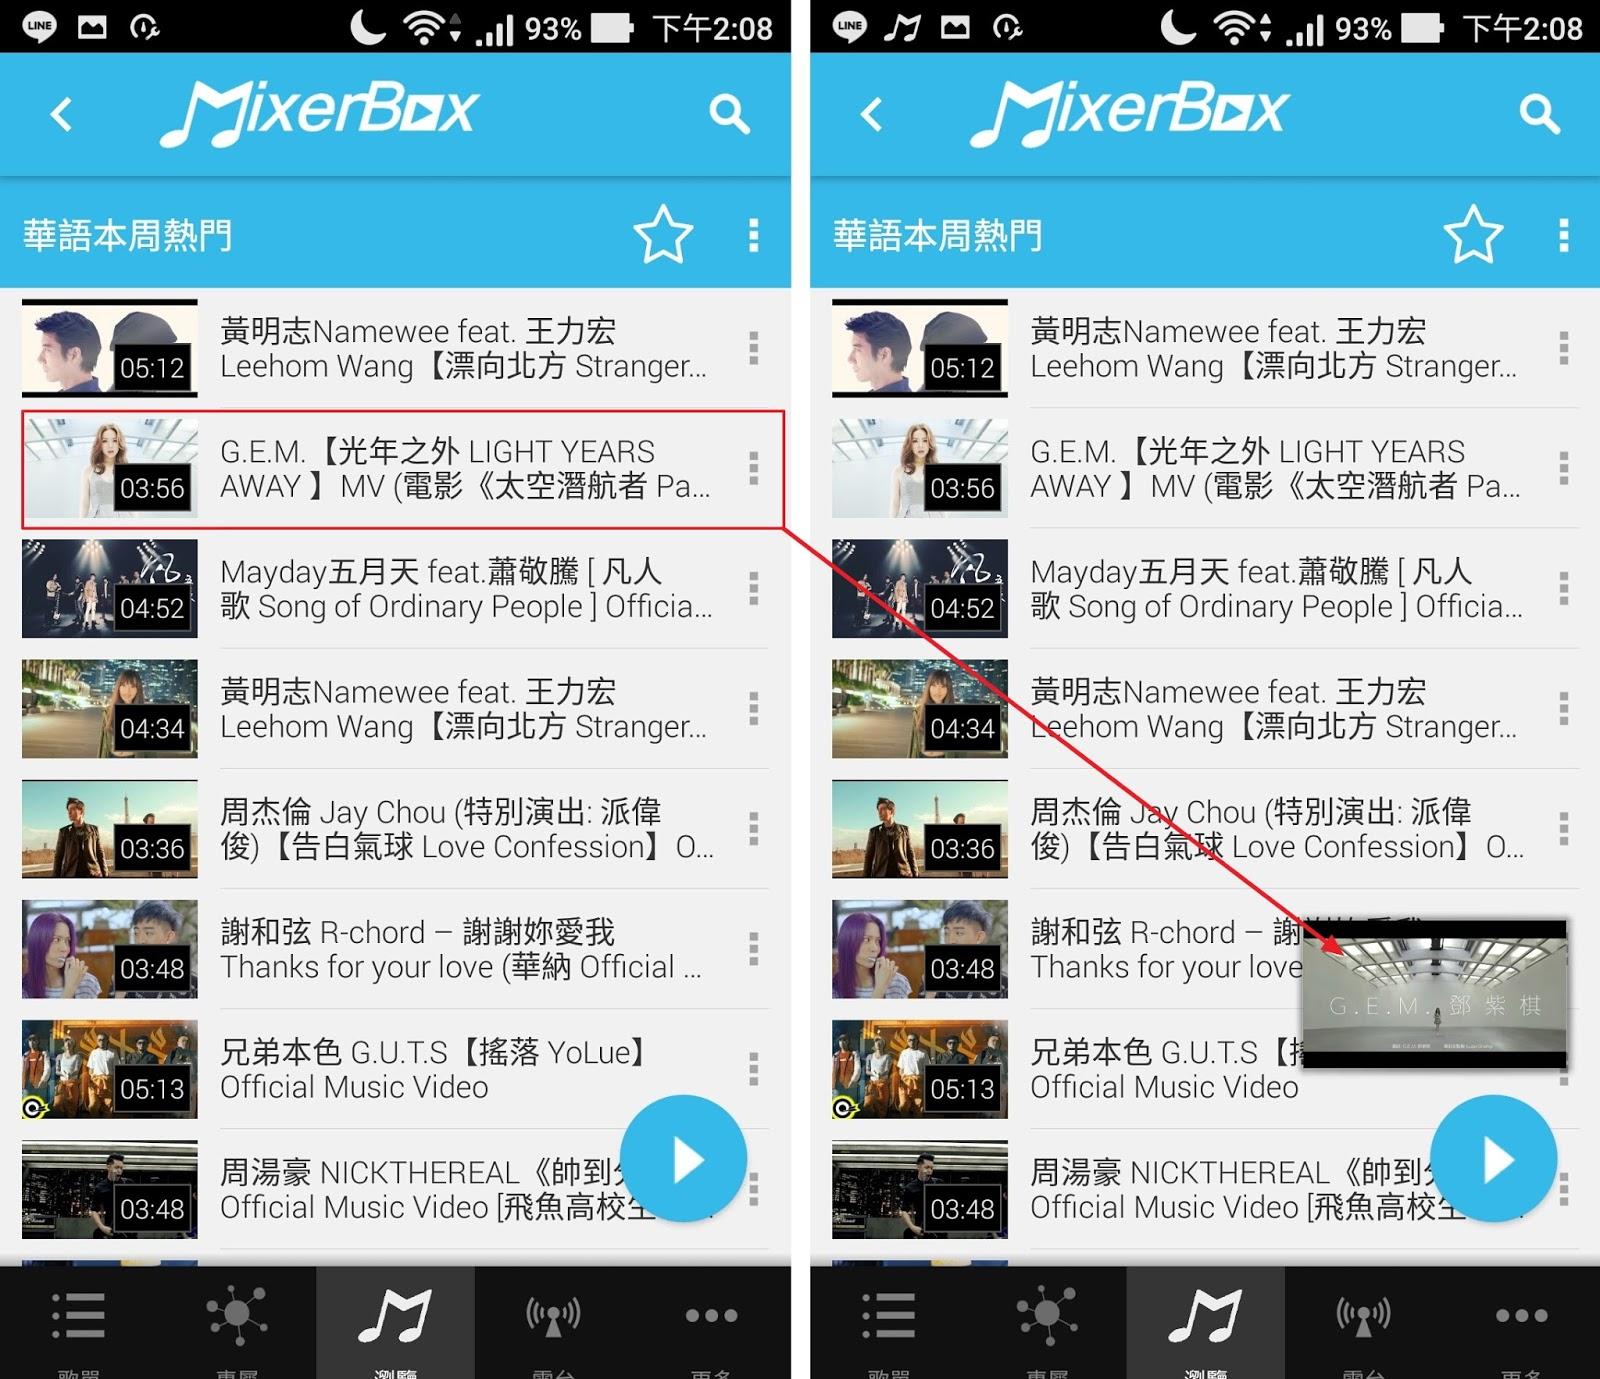 Screenshot 20170416 140849 - MixerBox - 手機免費聽音樂,歌單整理超方便的聽歌App